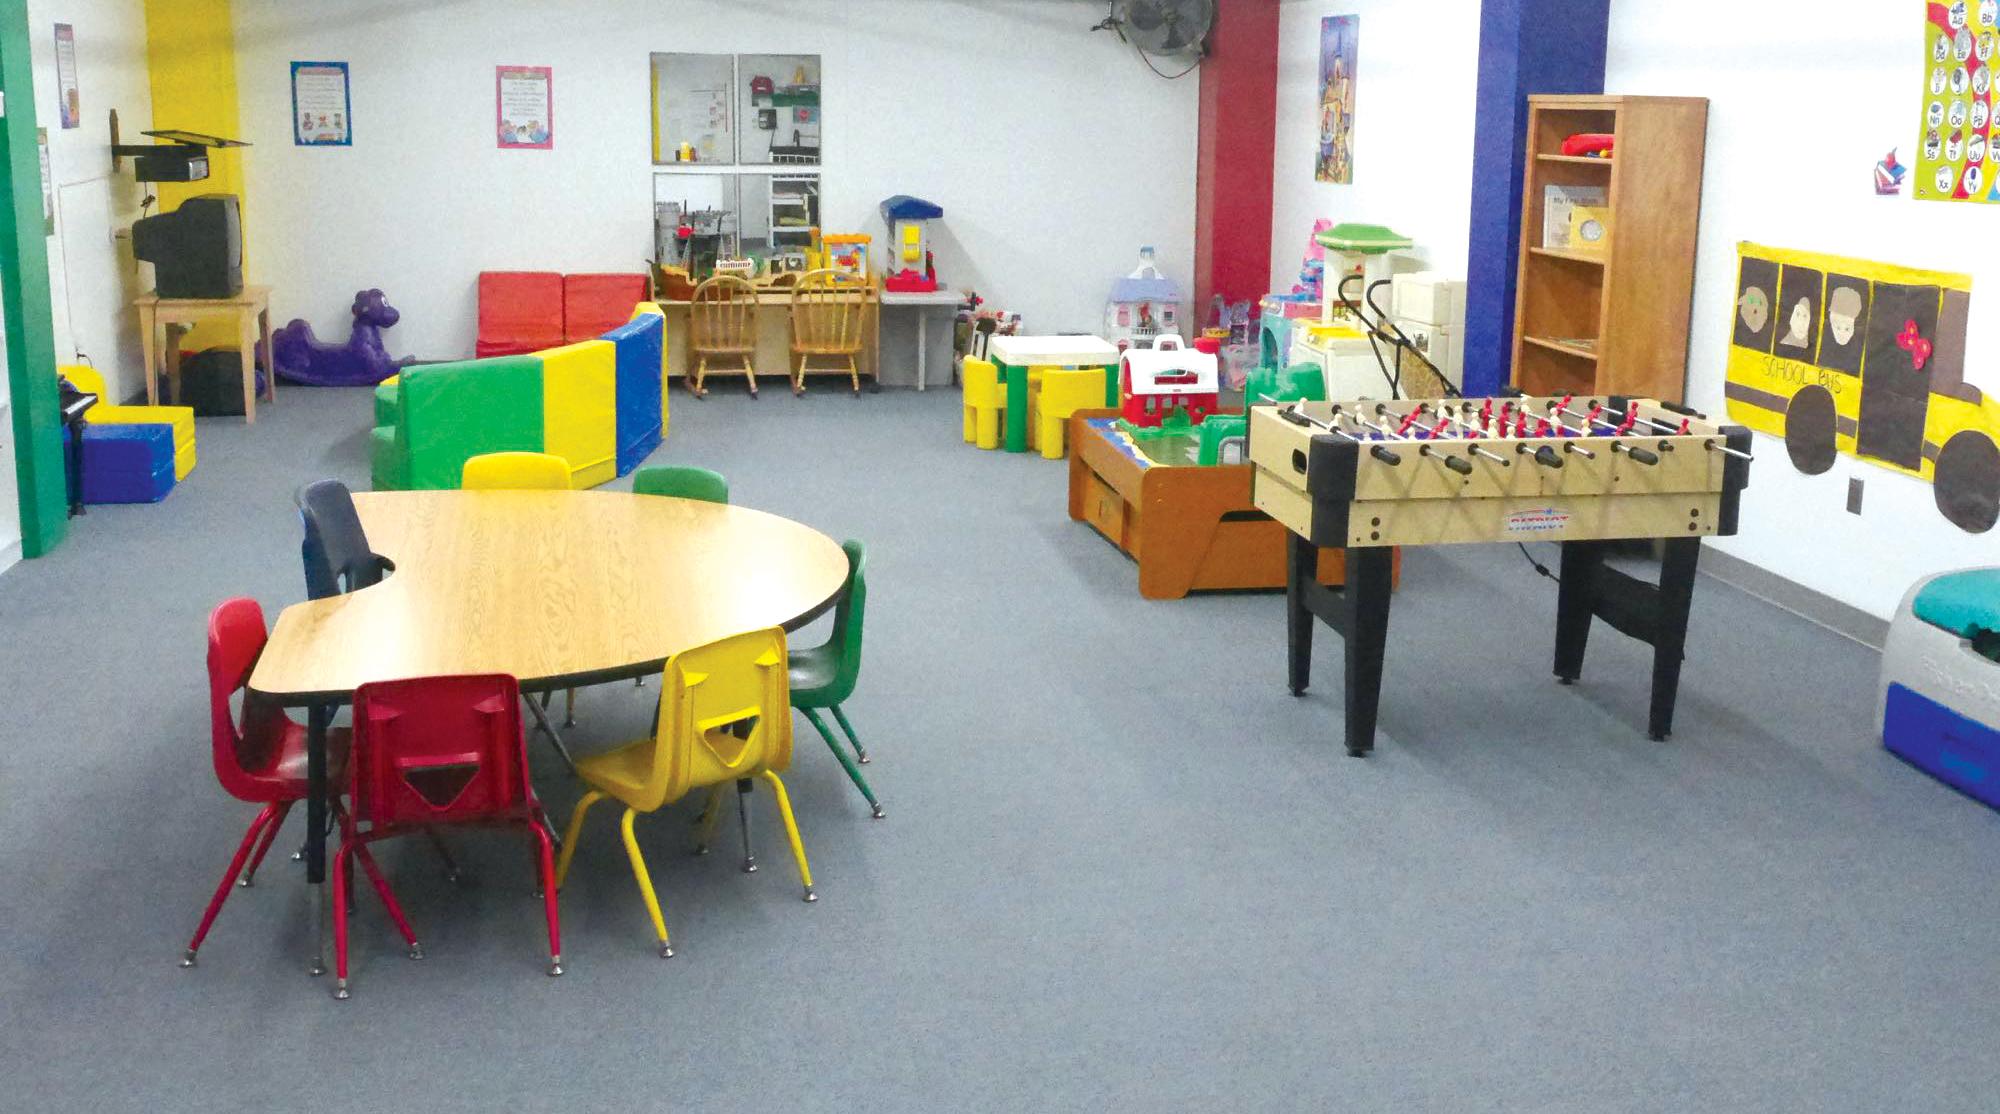 Kidzone Nursery